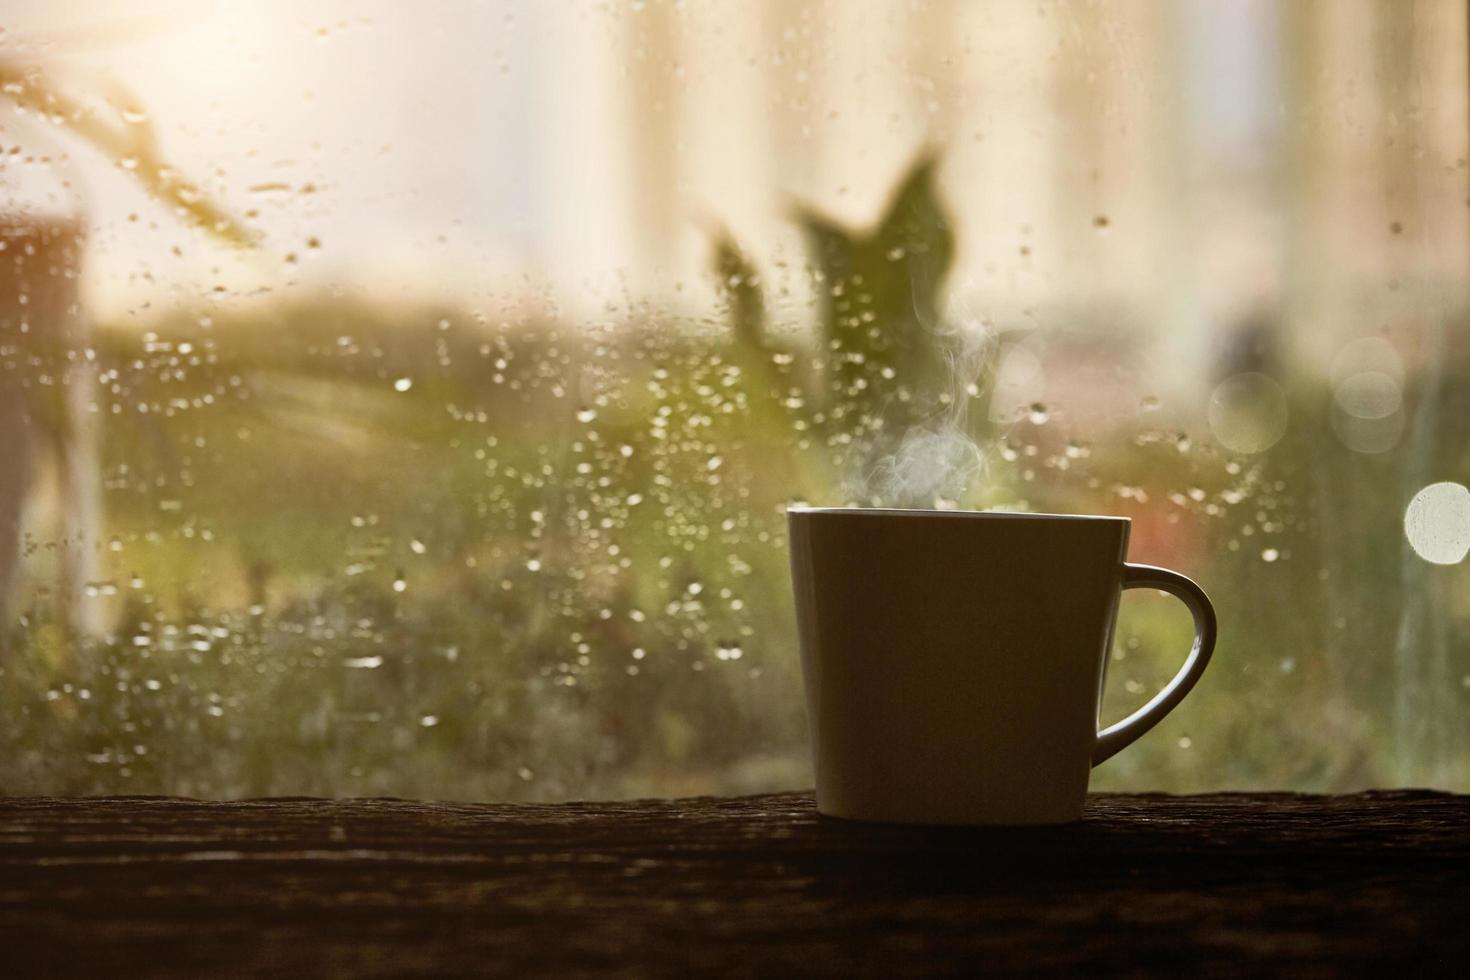 caffè vicino alla finestra piovosa foto